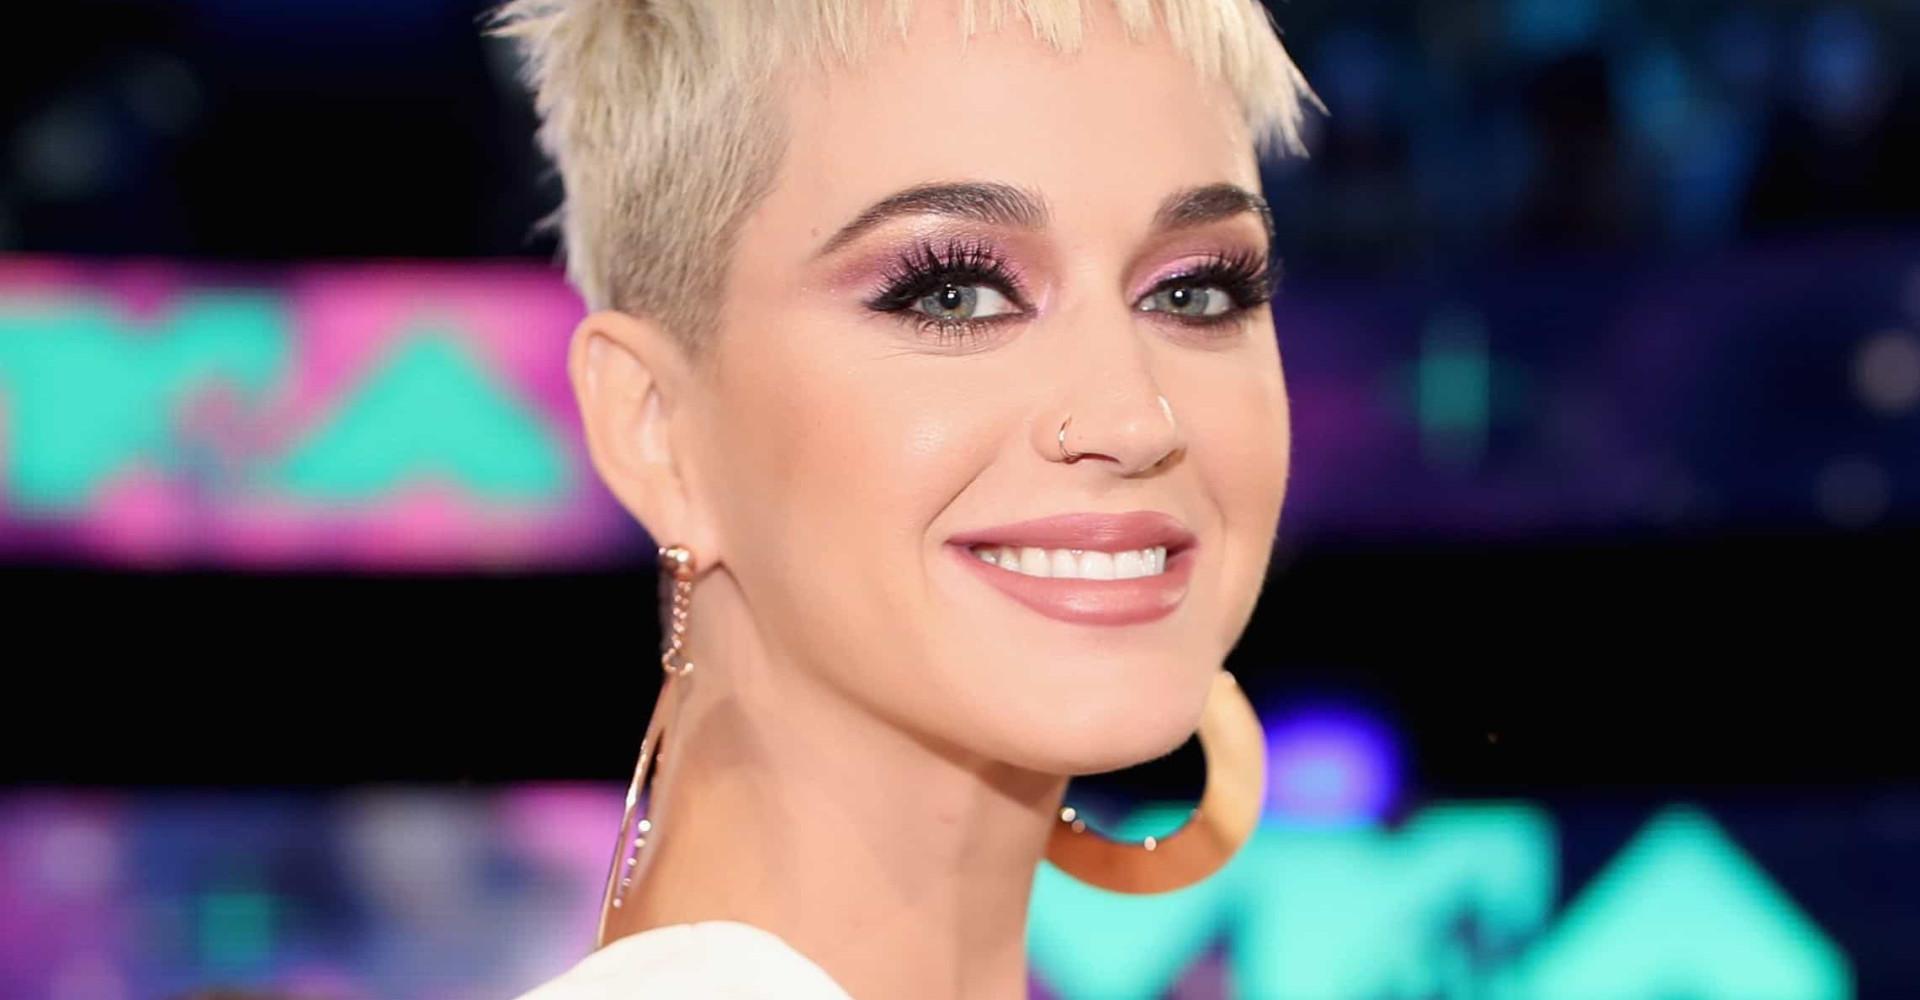 Katy Perry tuomittiin plagioinnista! Keitä muita artisteja on epäilty tekijänoikeusrikkomuksista?